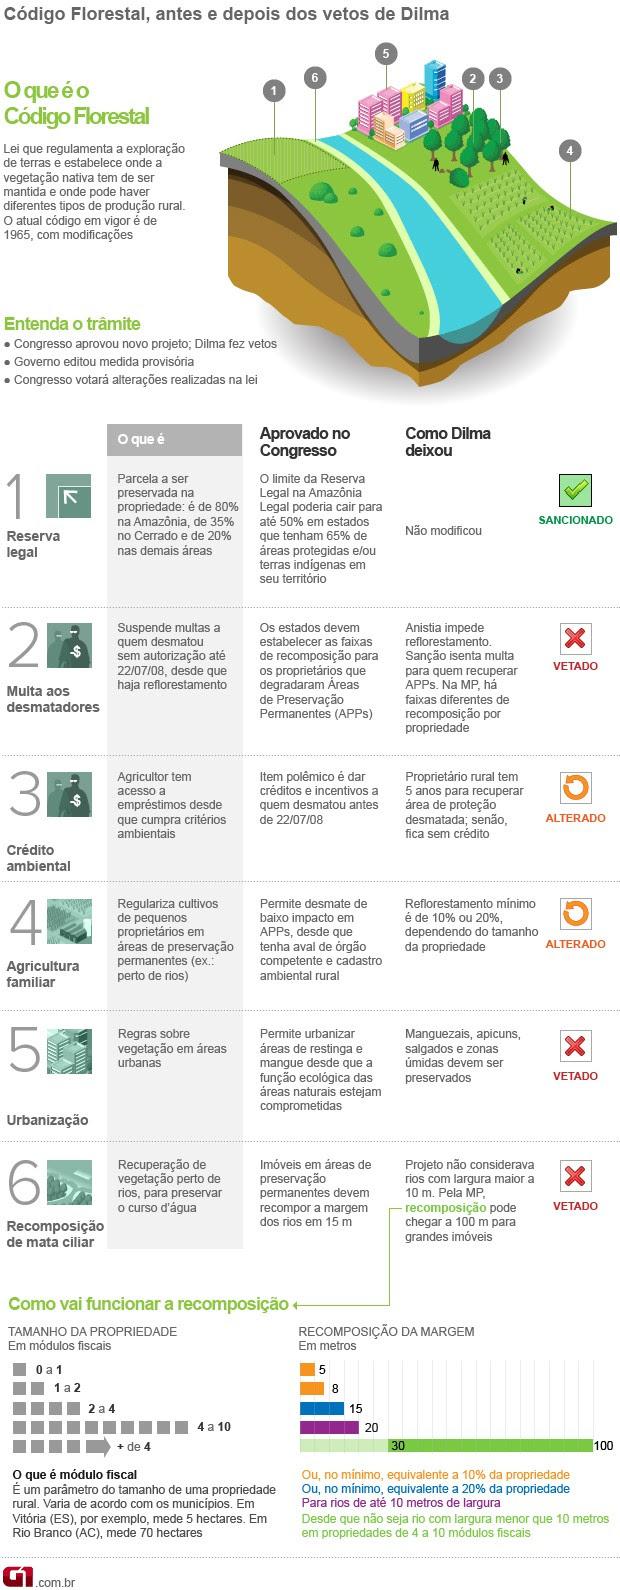 Vale este - Código Florestal - versão 5 (Foto:  )